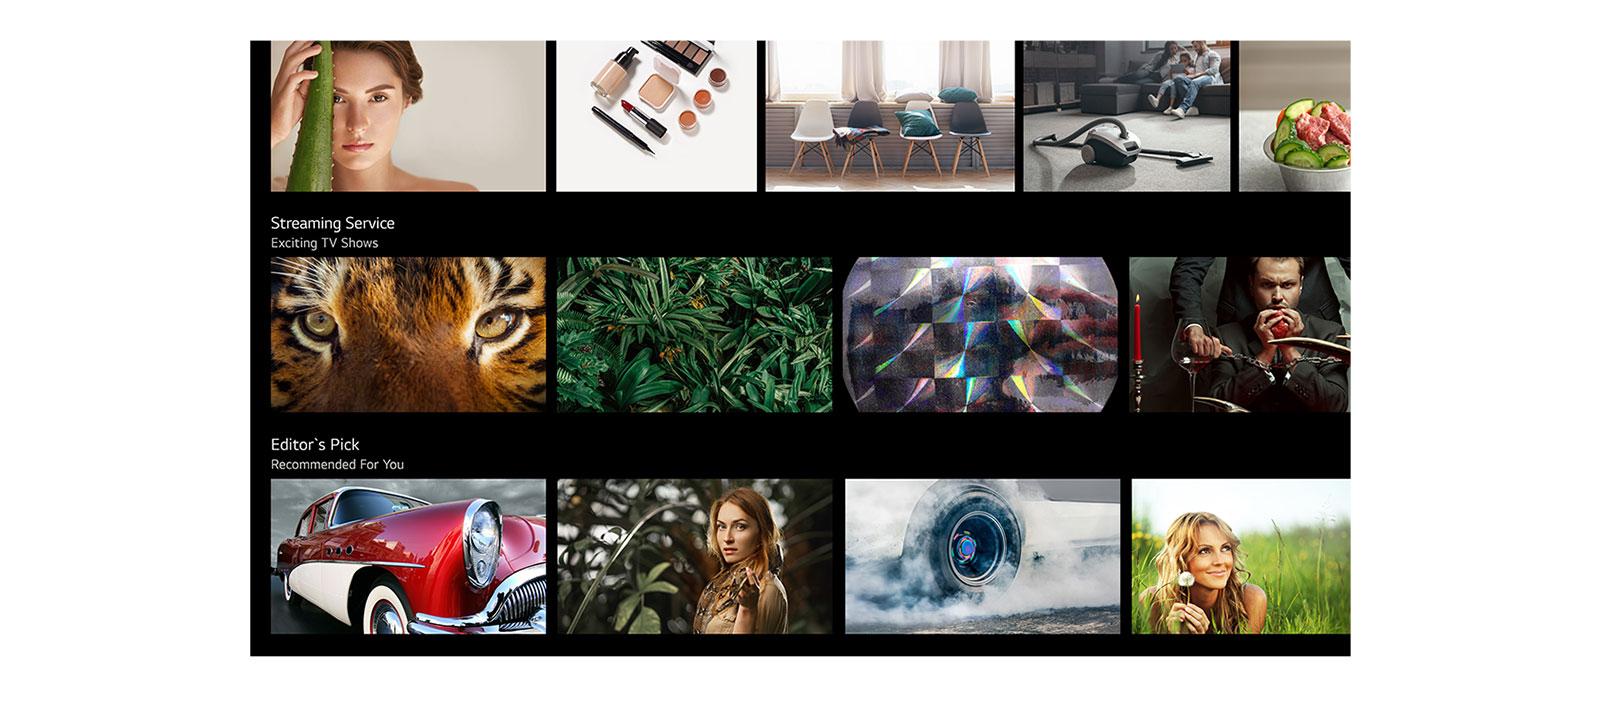 شاشة تلفزيون تعرض محتويات مختلفة مدرجة وموصى بها من قبل AI ThinQ من إل جي